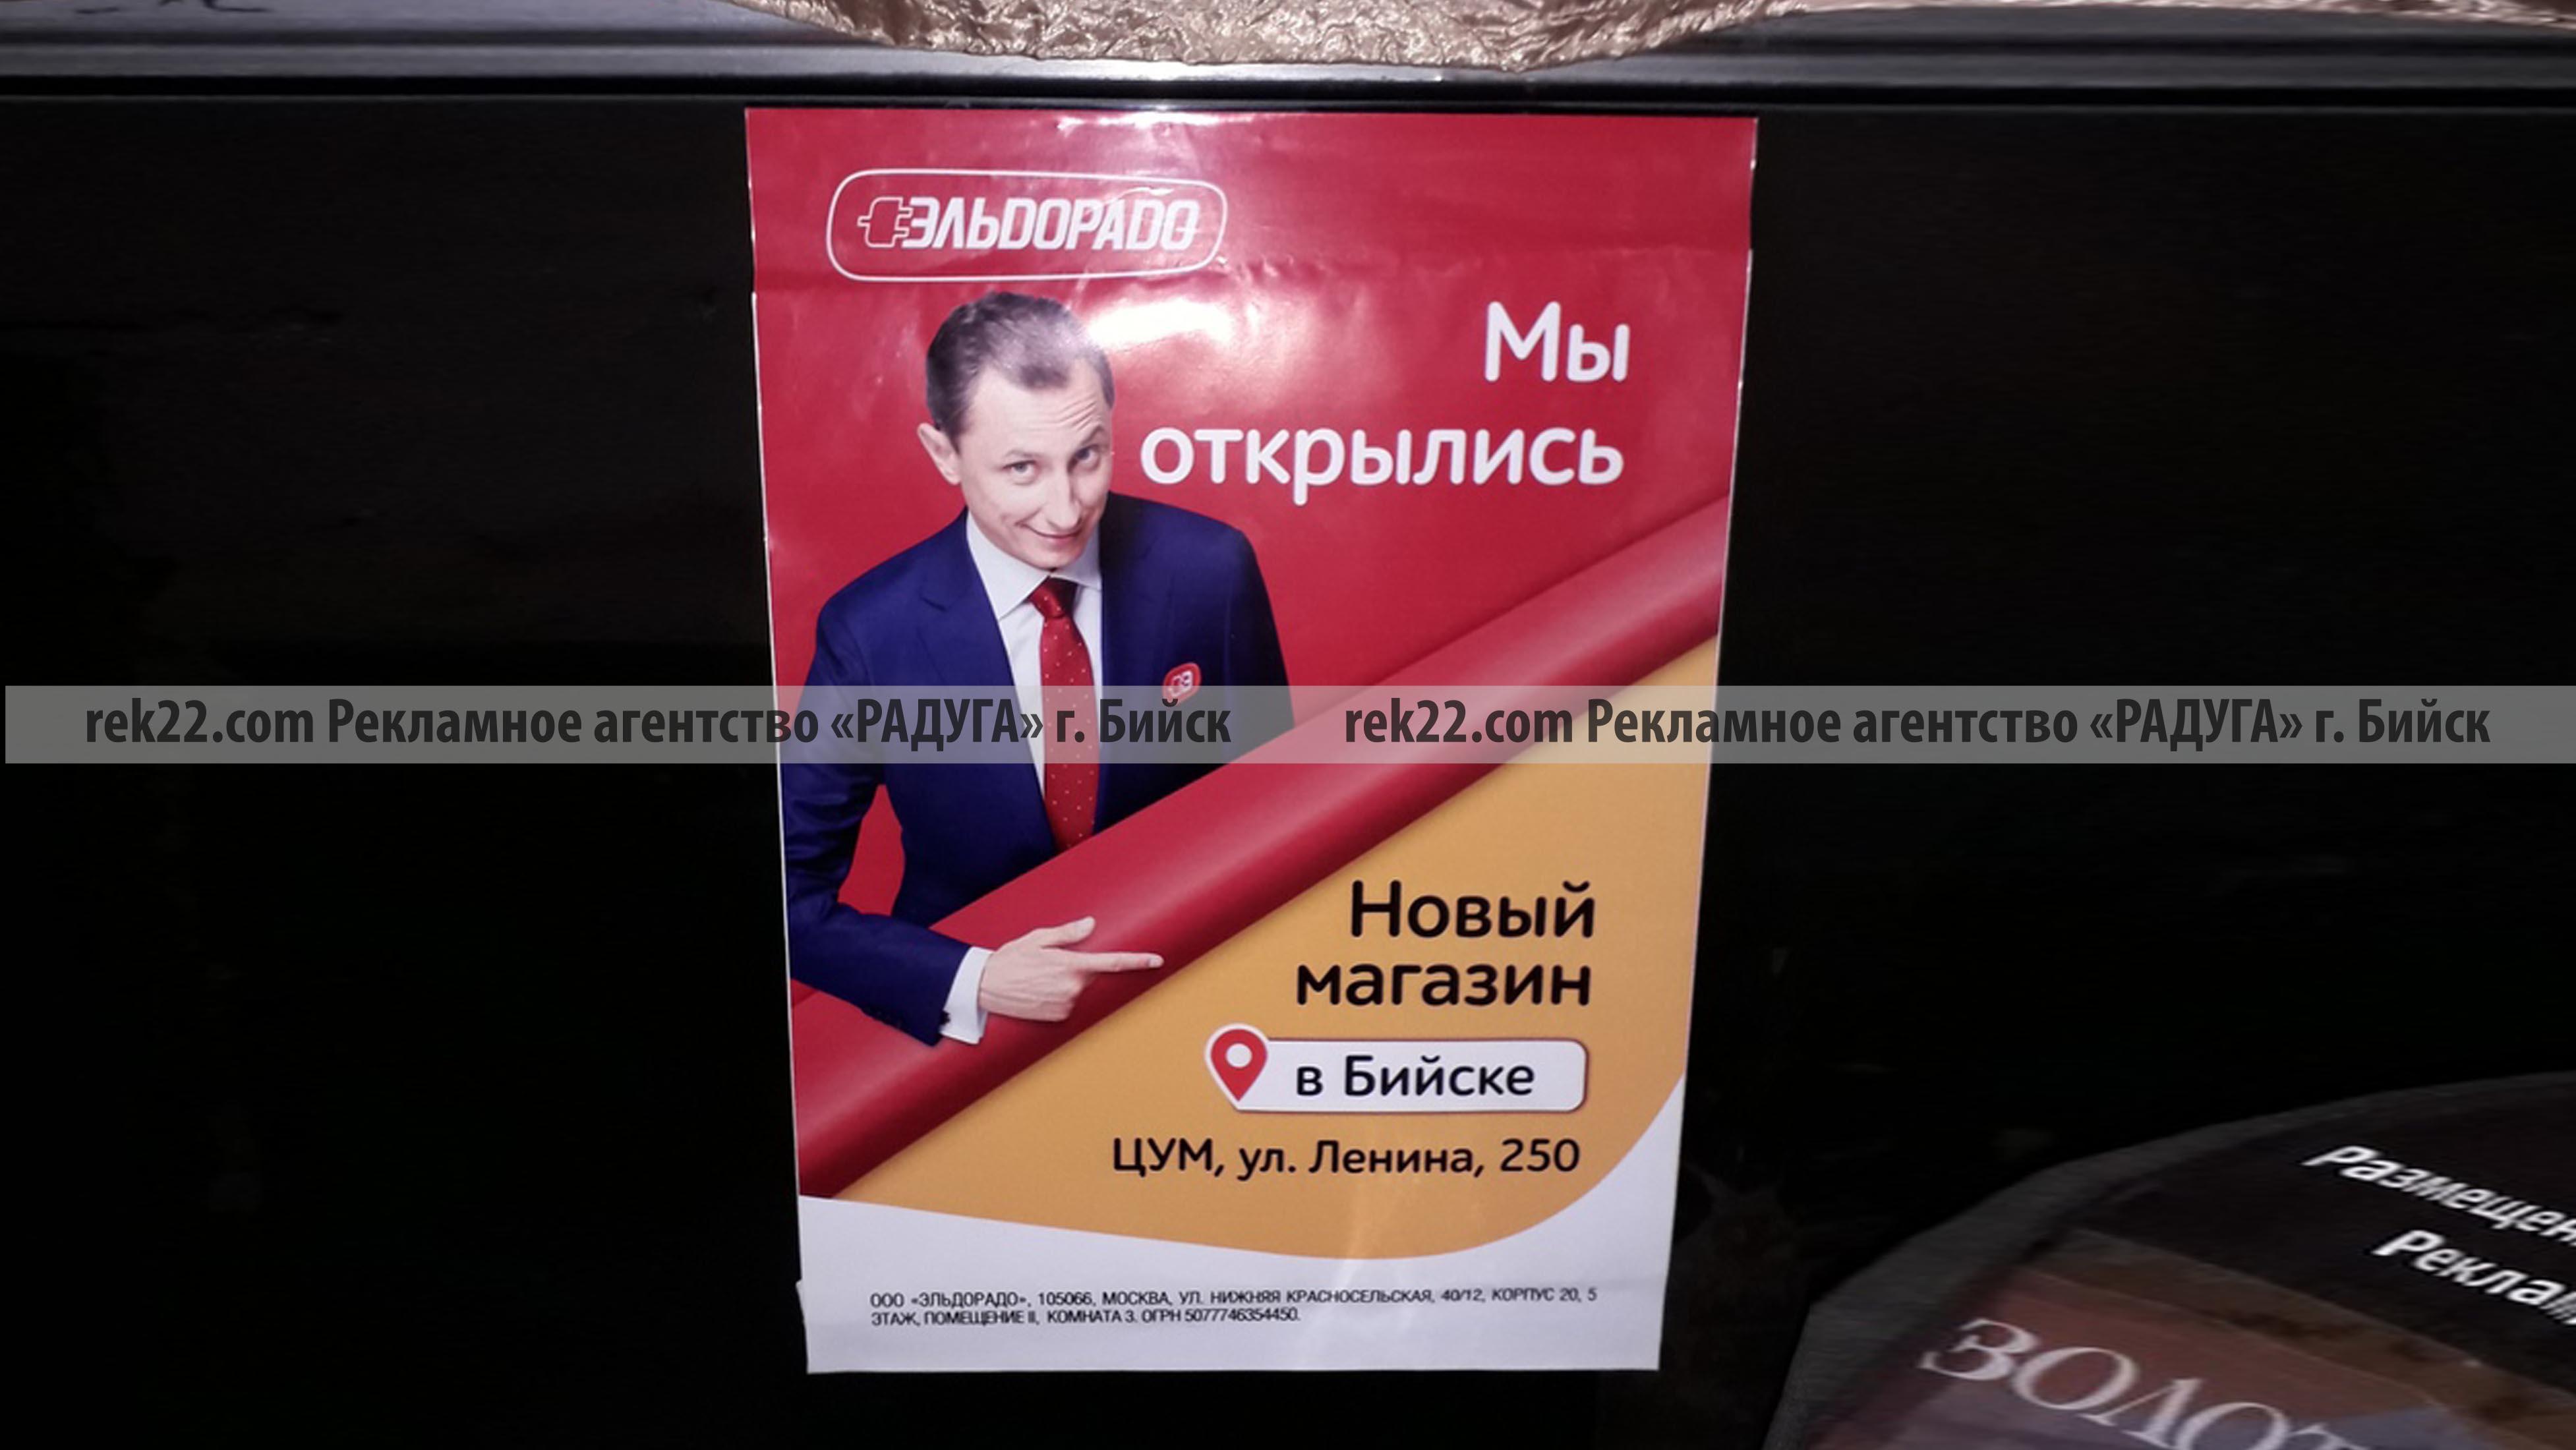 Реклама на листовках в автобусах